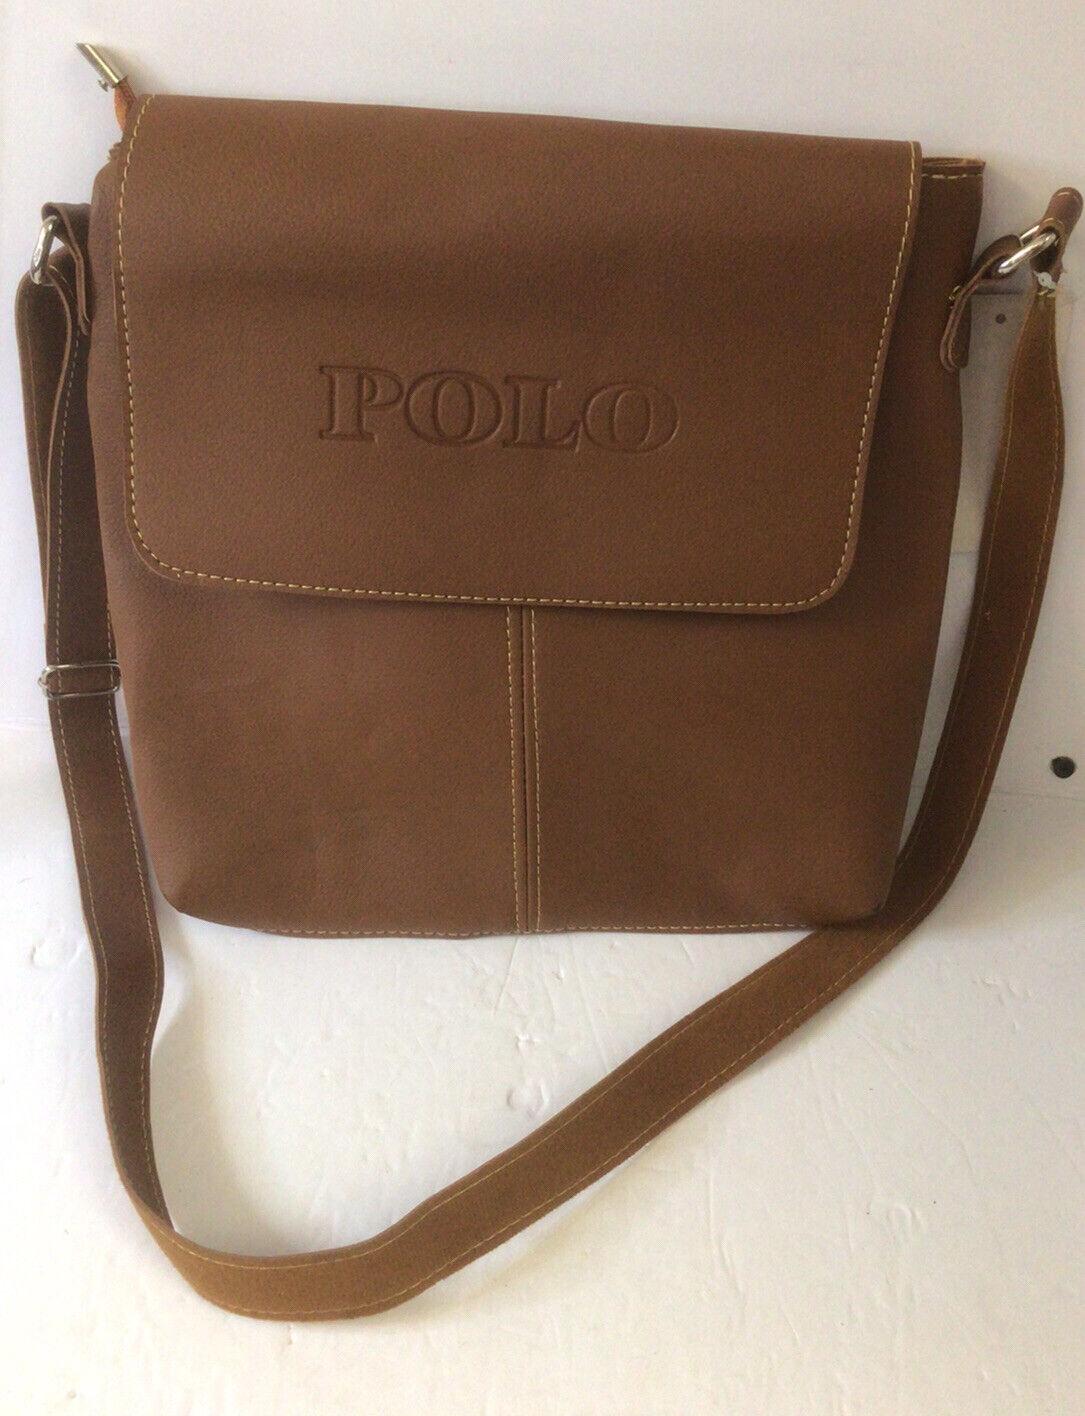 Polo cross body purse